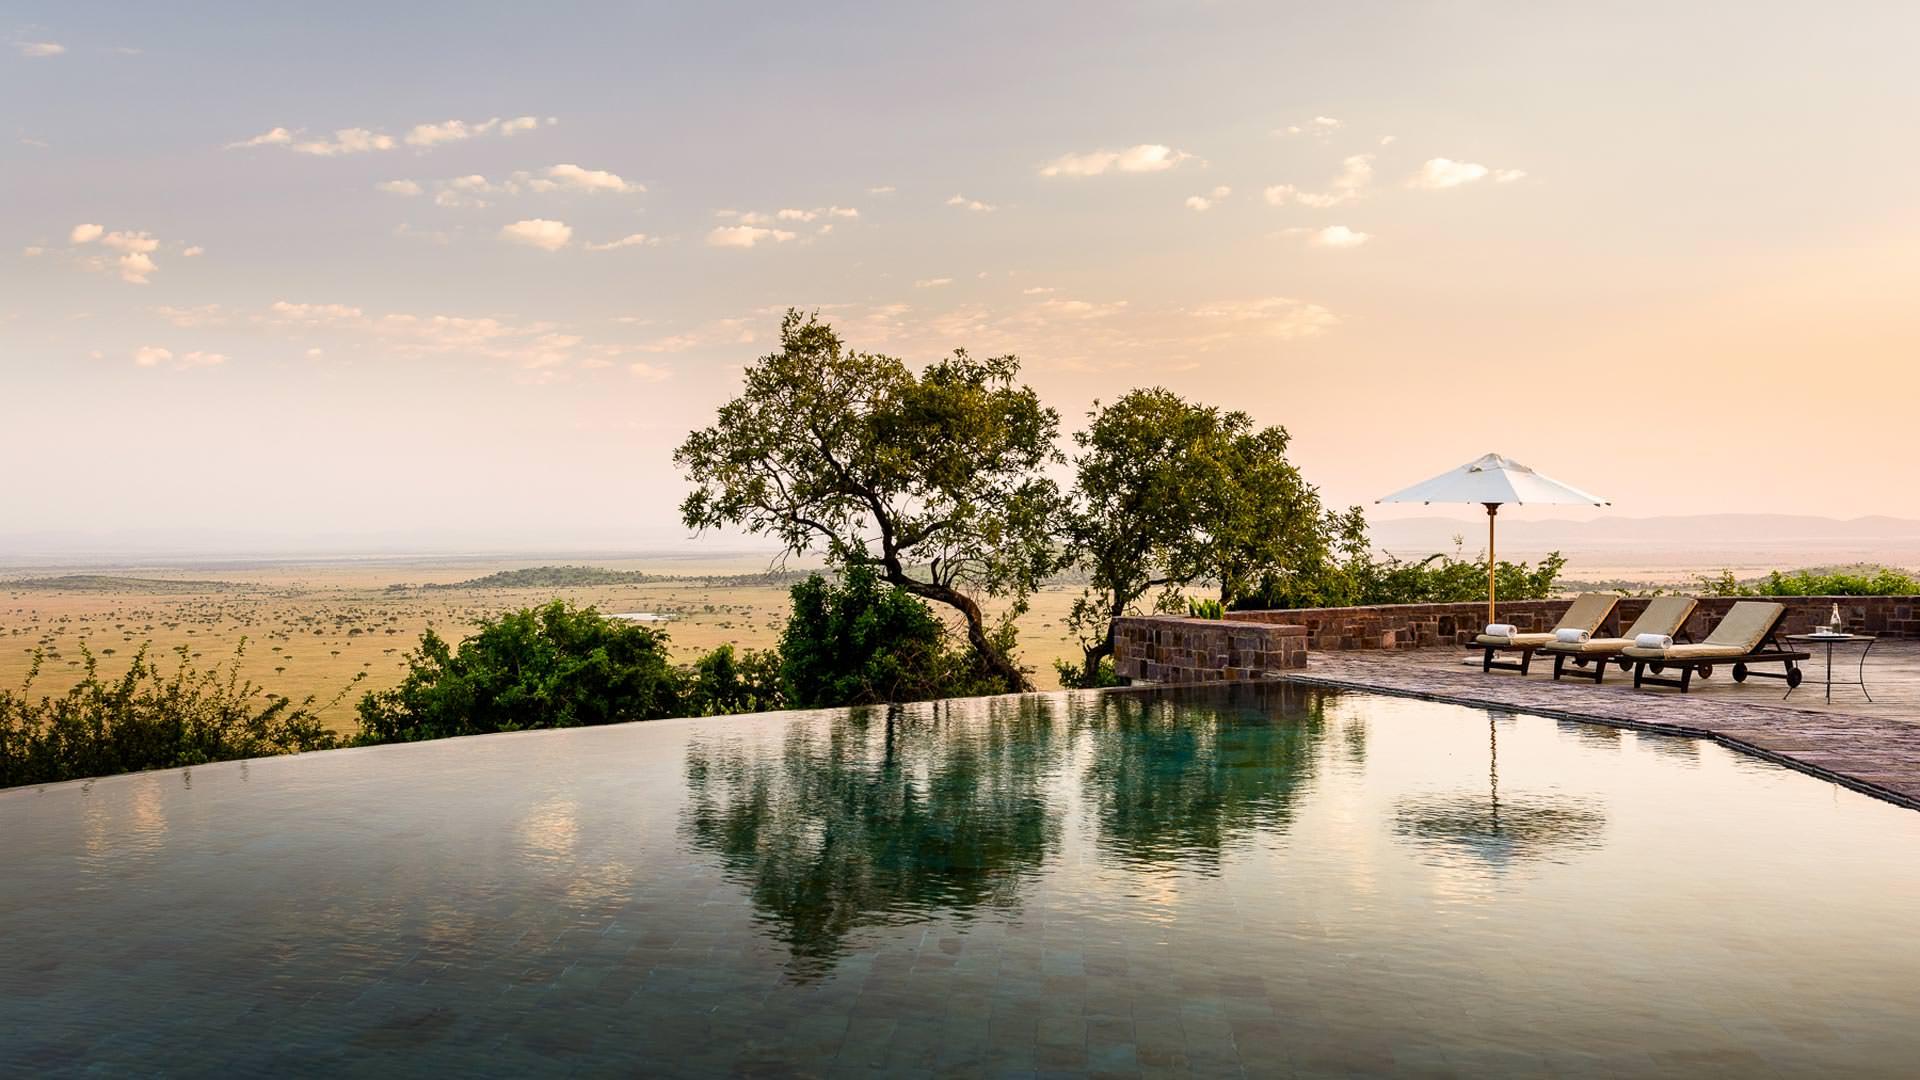 Infinity pool at Sasakwa lodge